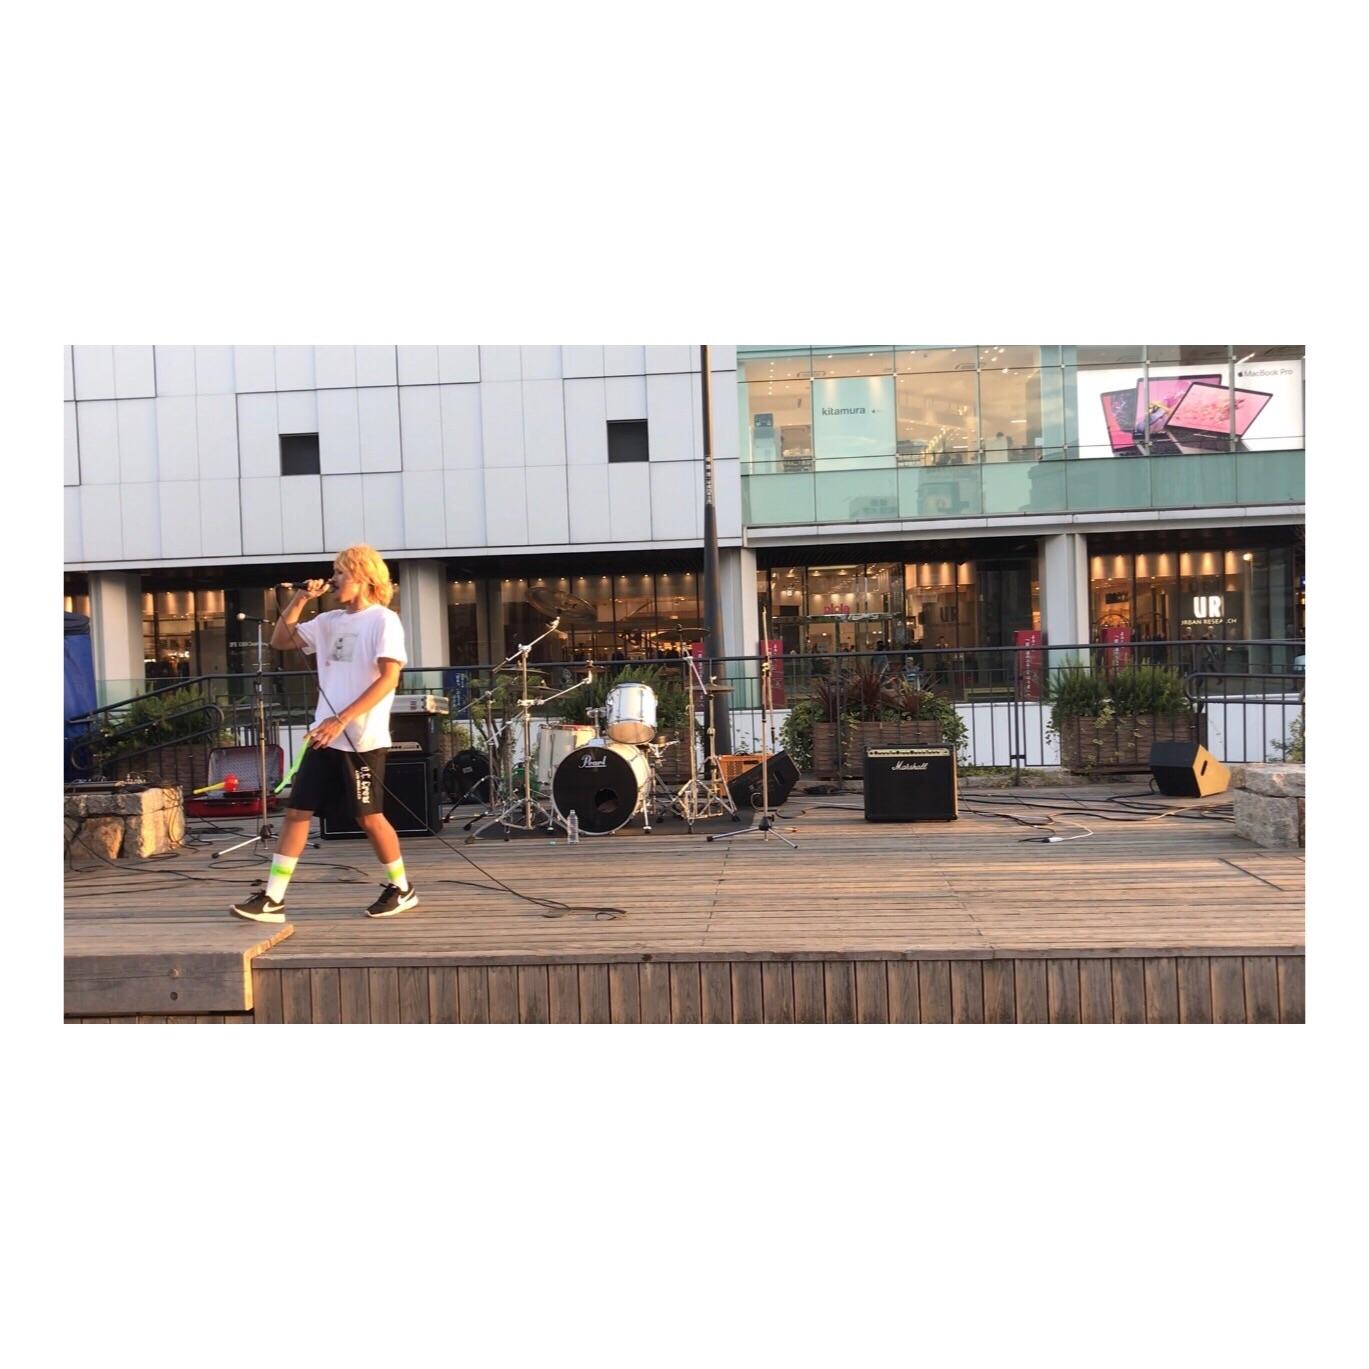 f:id:Yosuke0912:20180826162936j:image